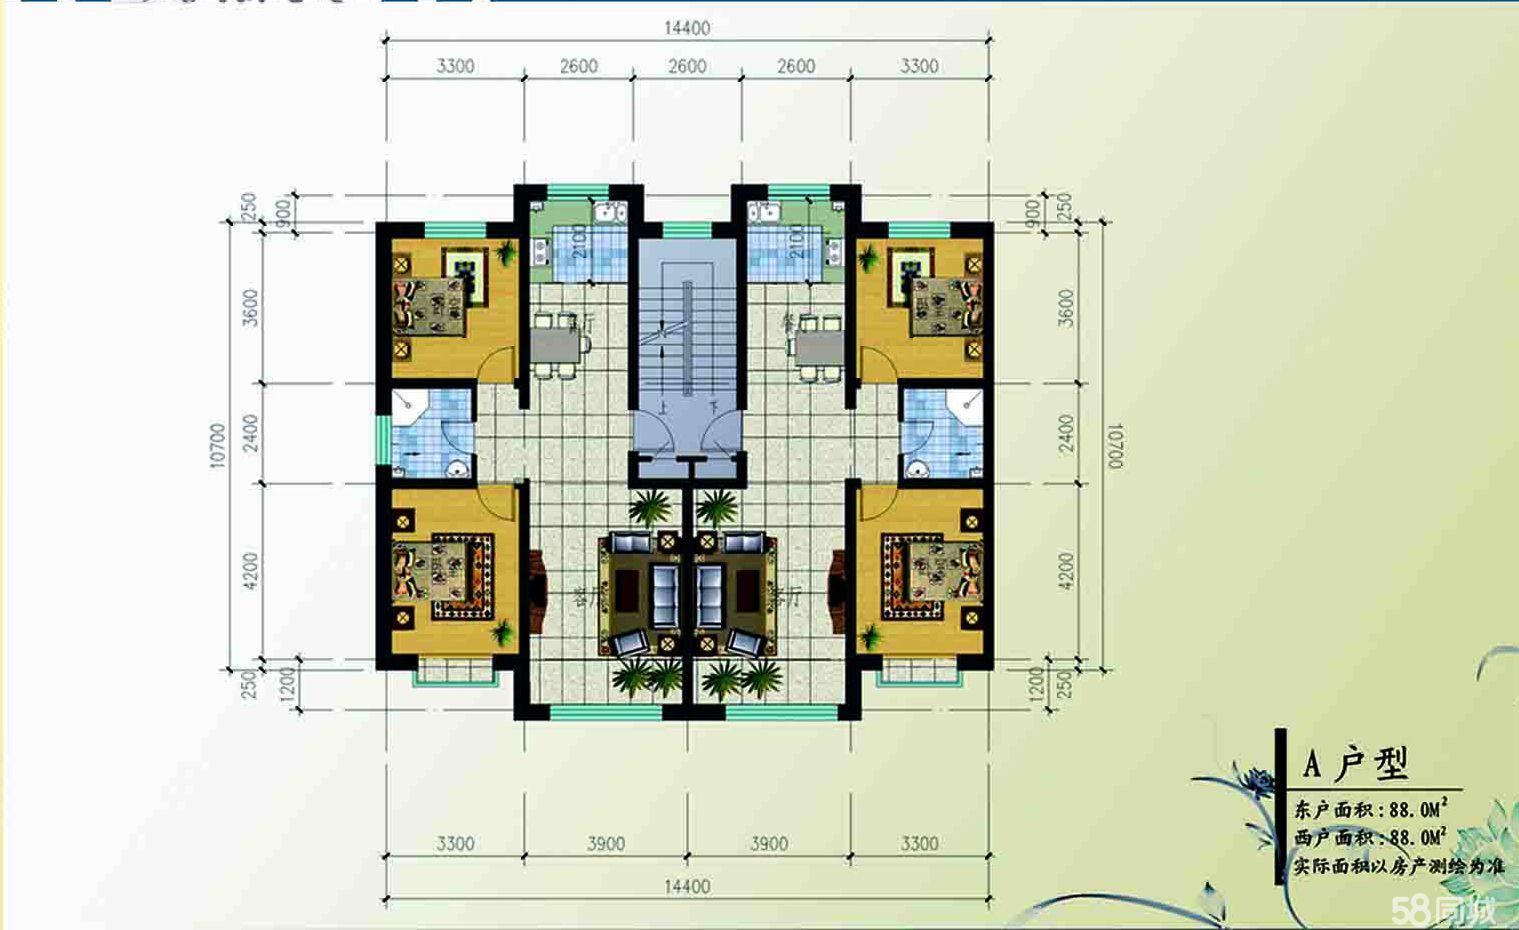 卓资滨河佳苑2室2厅1卫88平米